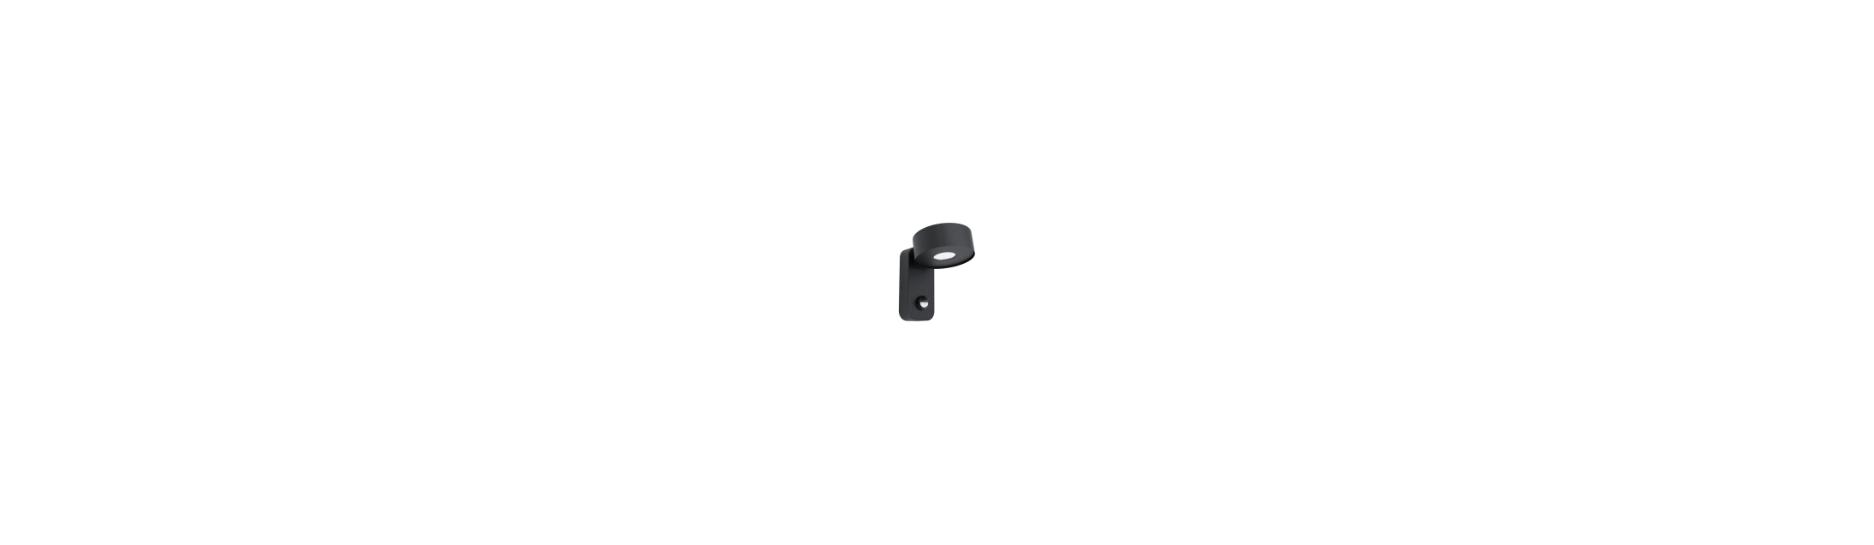 LED svítidla s PIR/pohybovým senzorem